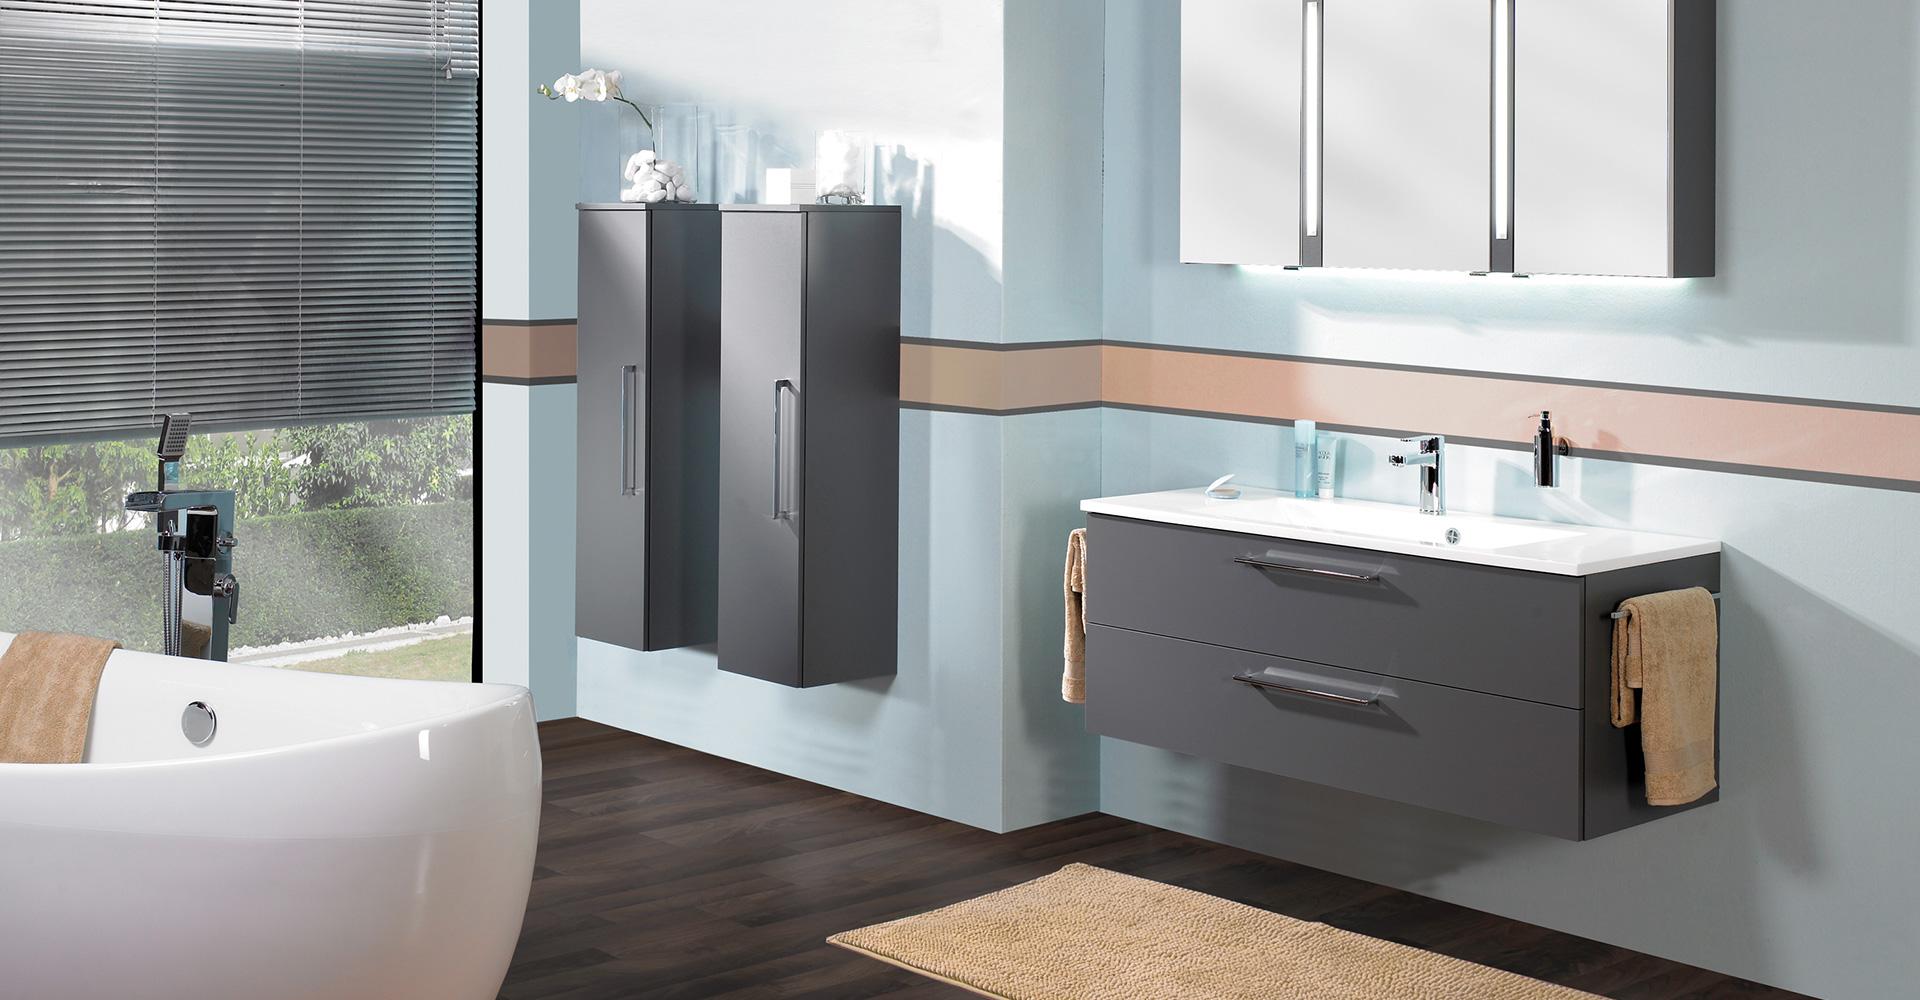 Moderne badkamers design met uitstraling otten keukens sanitair - Moderne badkamer badkamer ...